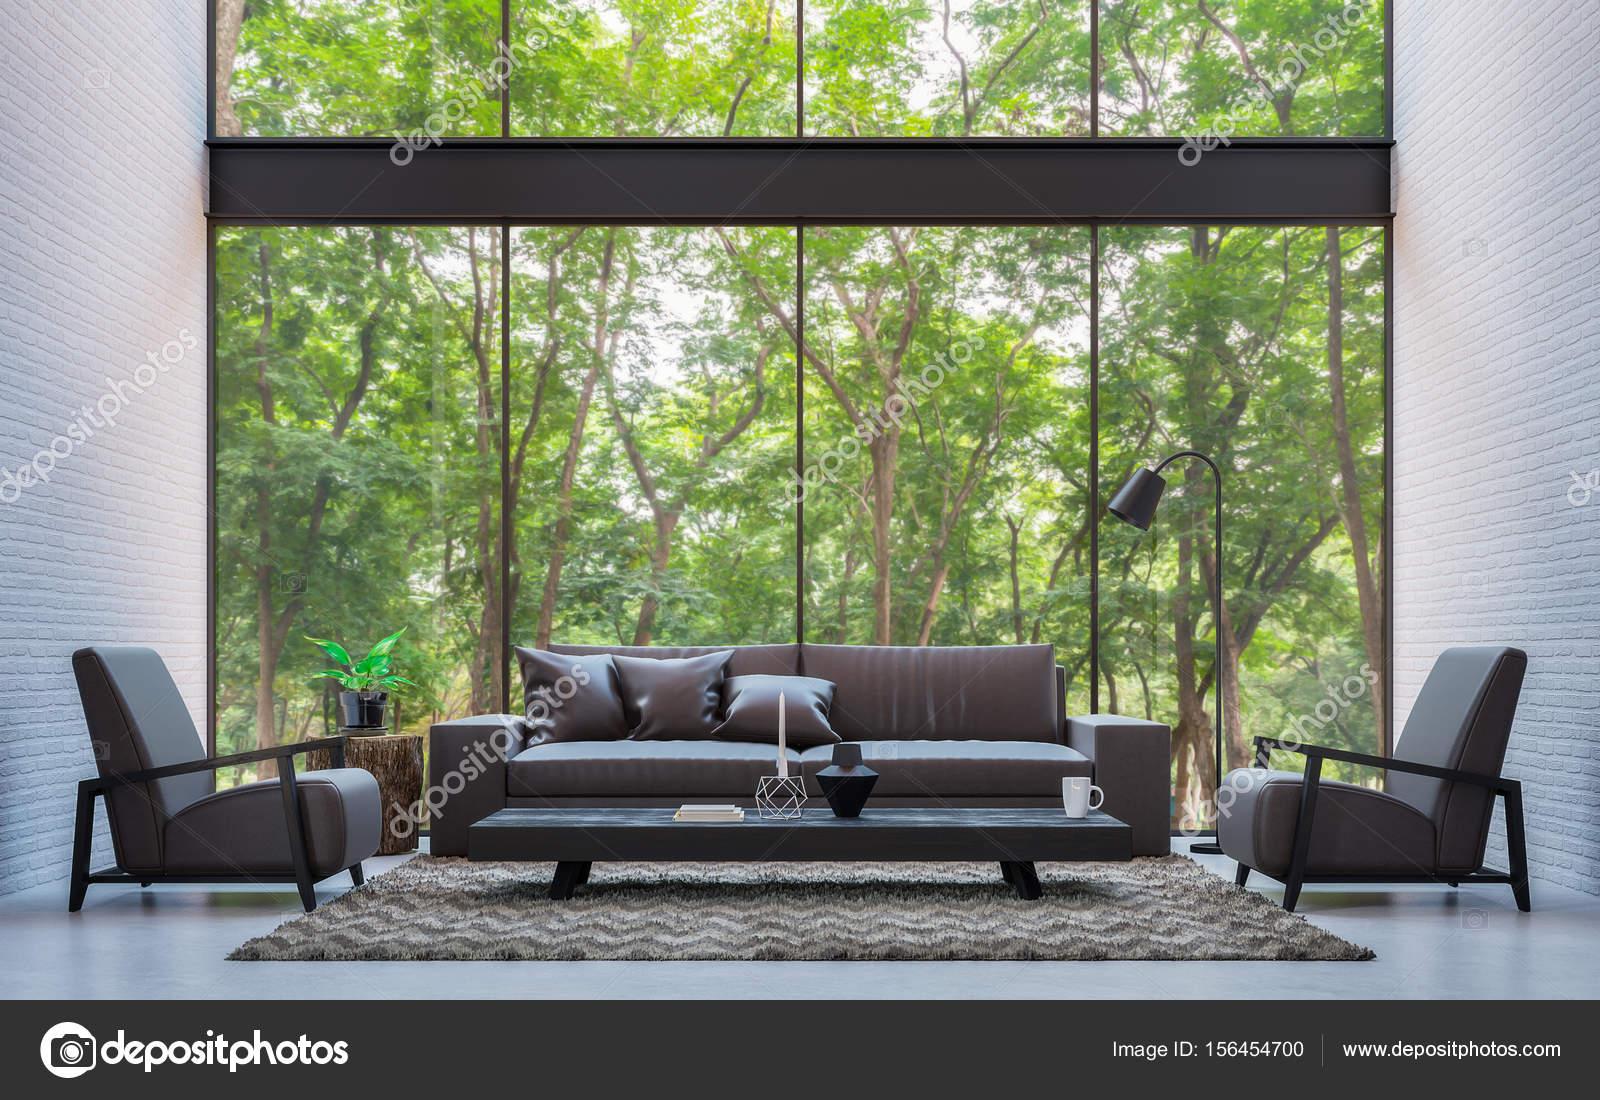 Moderne Loft-Wohn-Esszimmer mit Natur View 3d Rendering-Bild ...